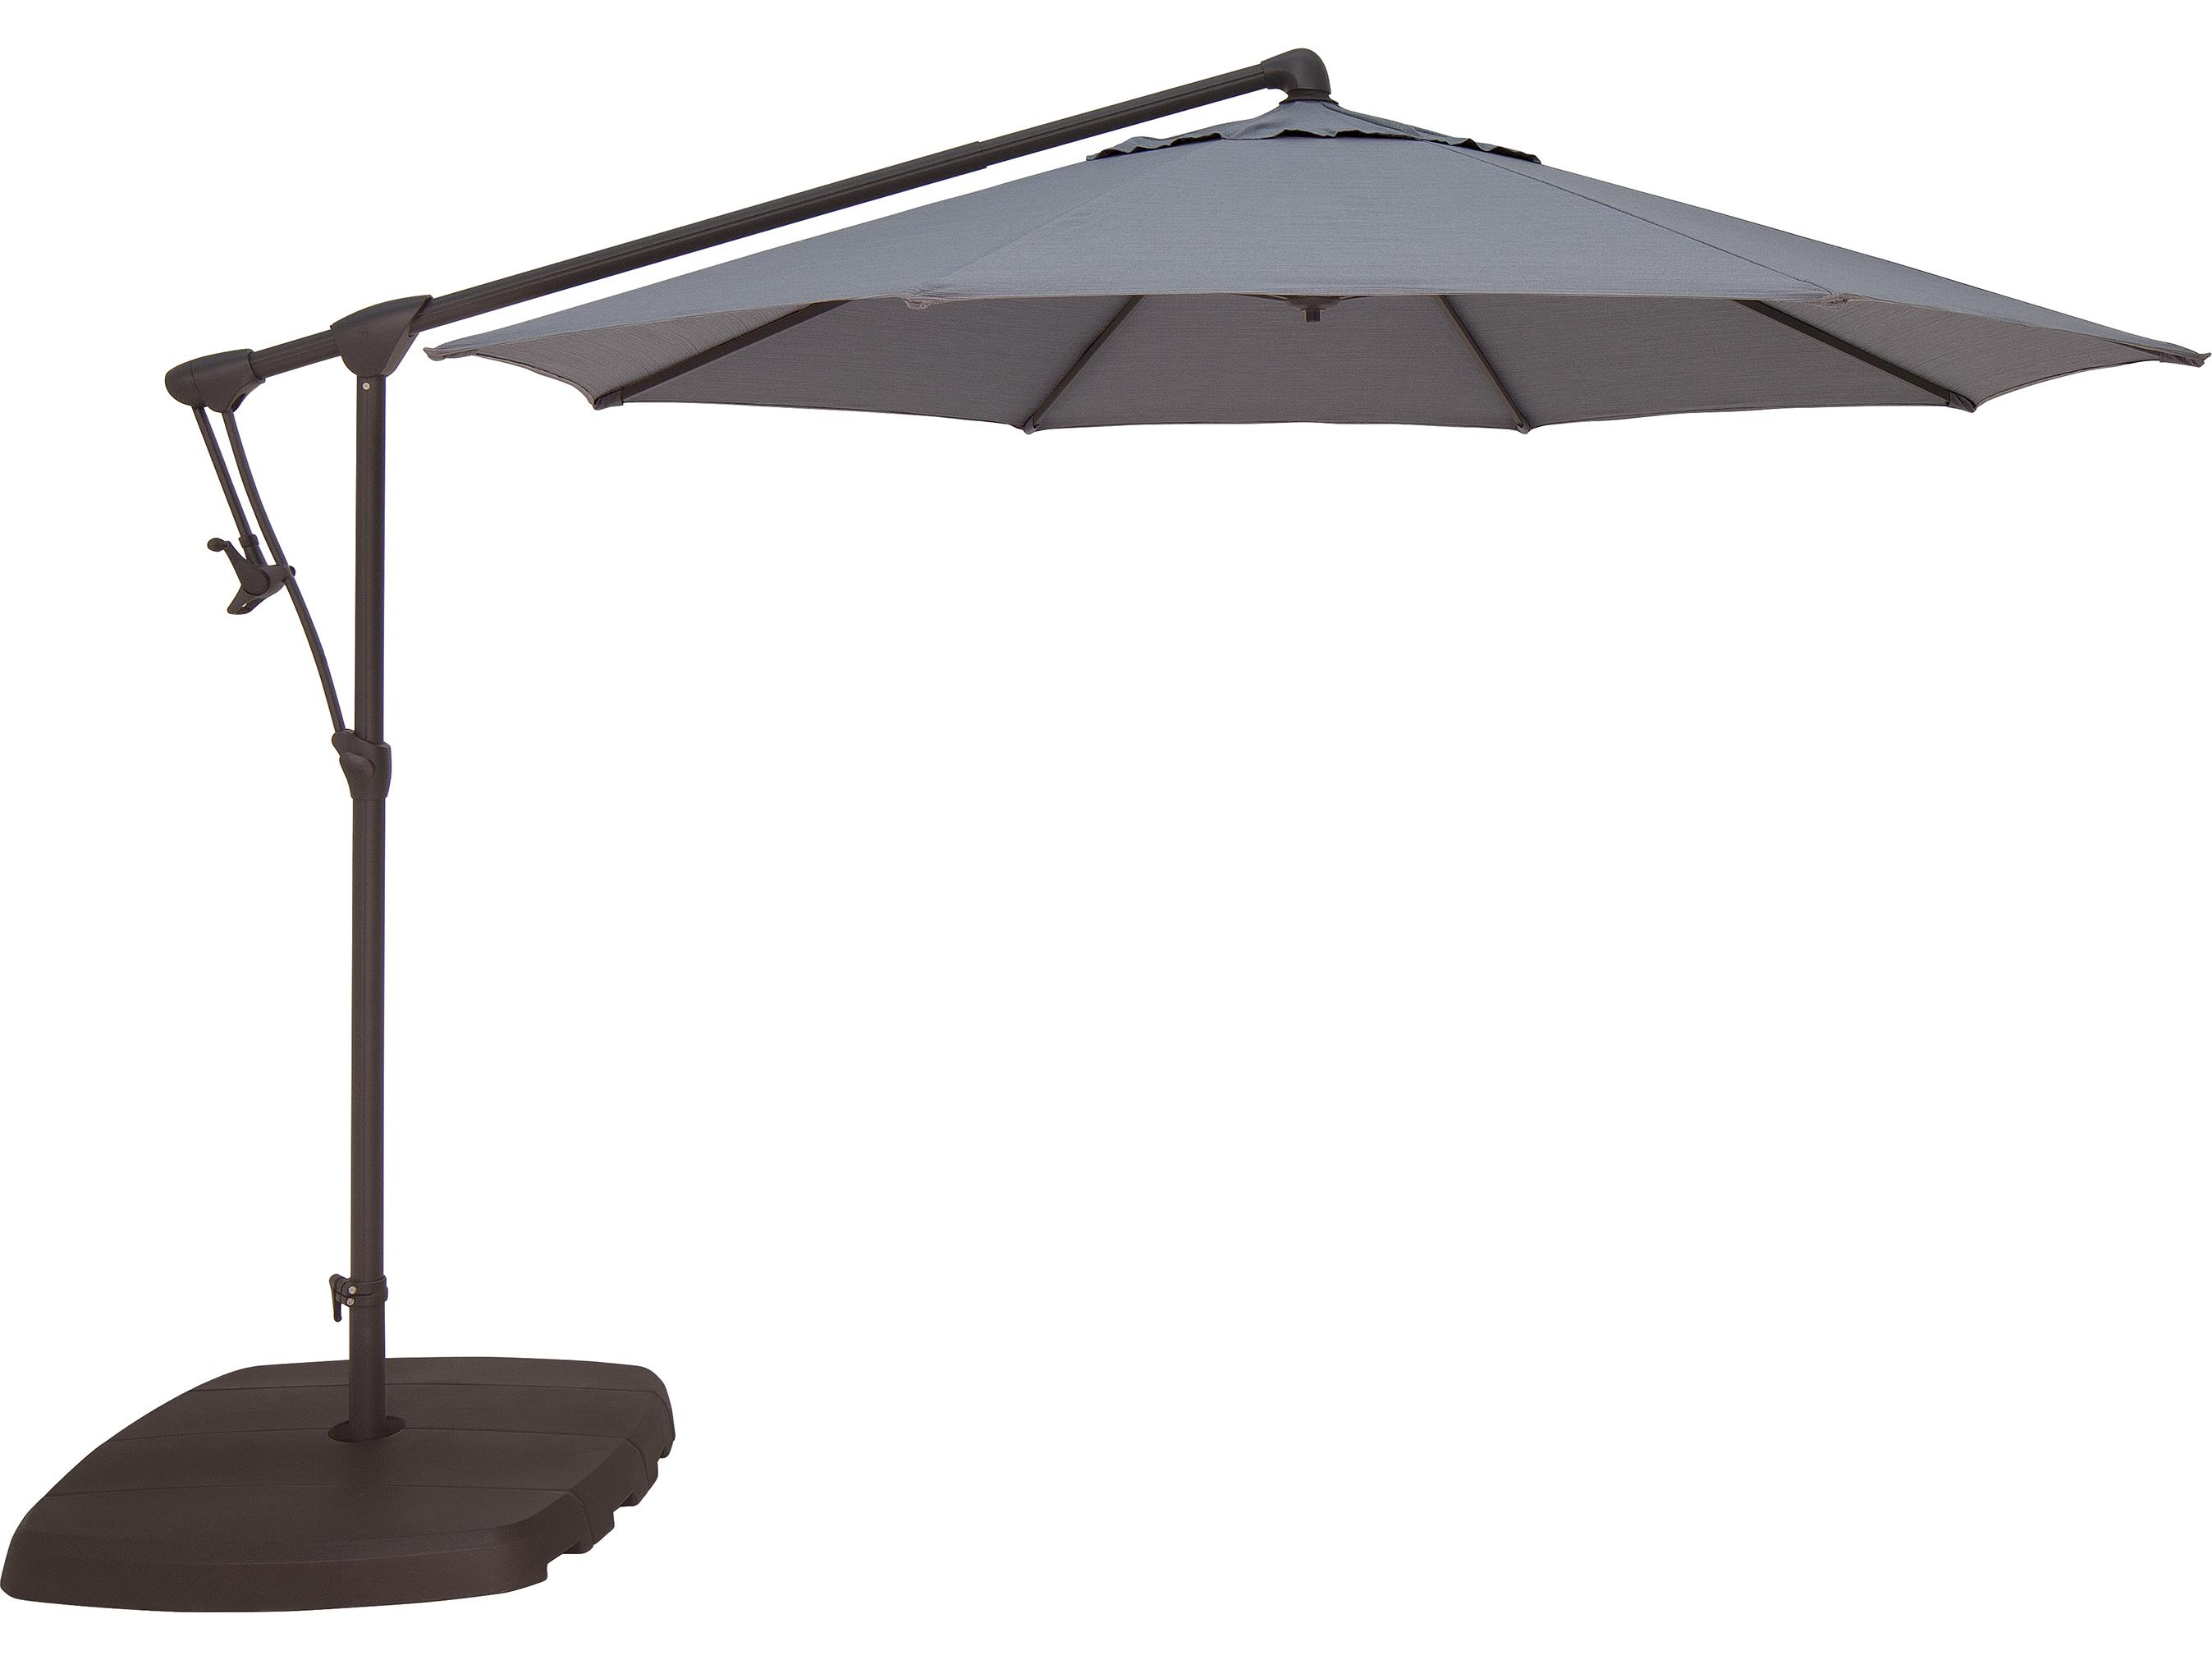 Treasure garden cantilever aluminum 10 39 octagon tilt for Outdoor patio umbrellas